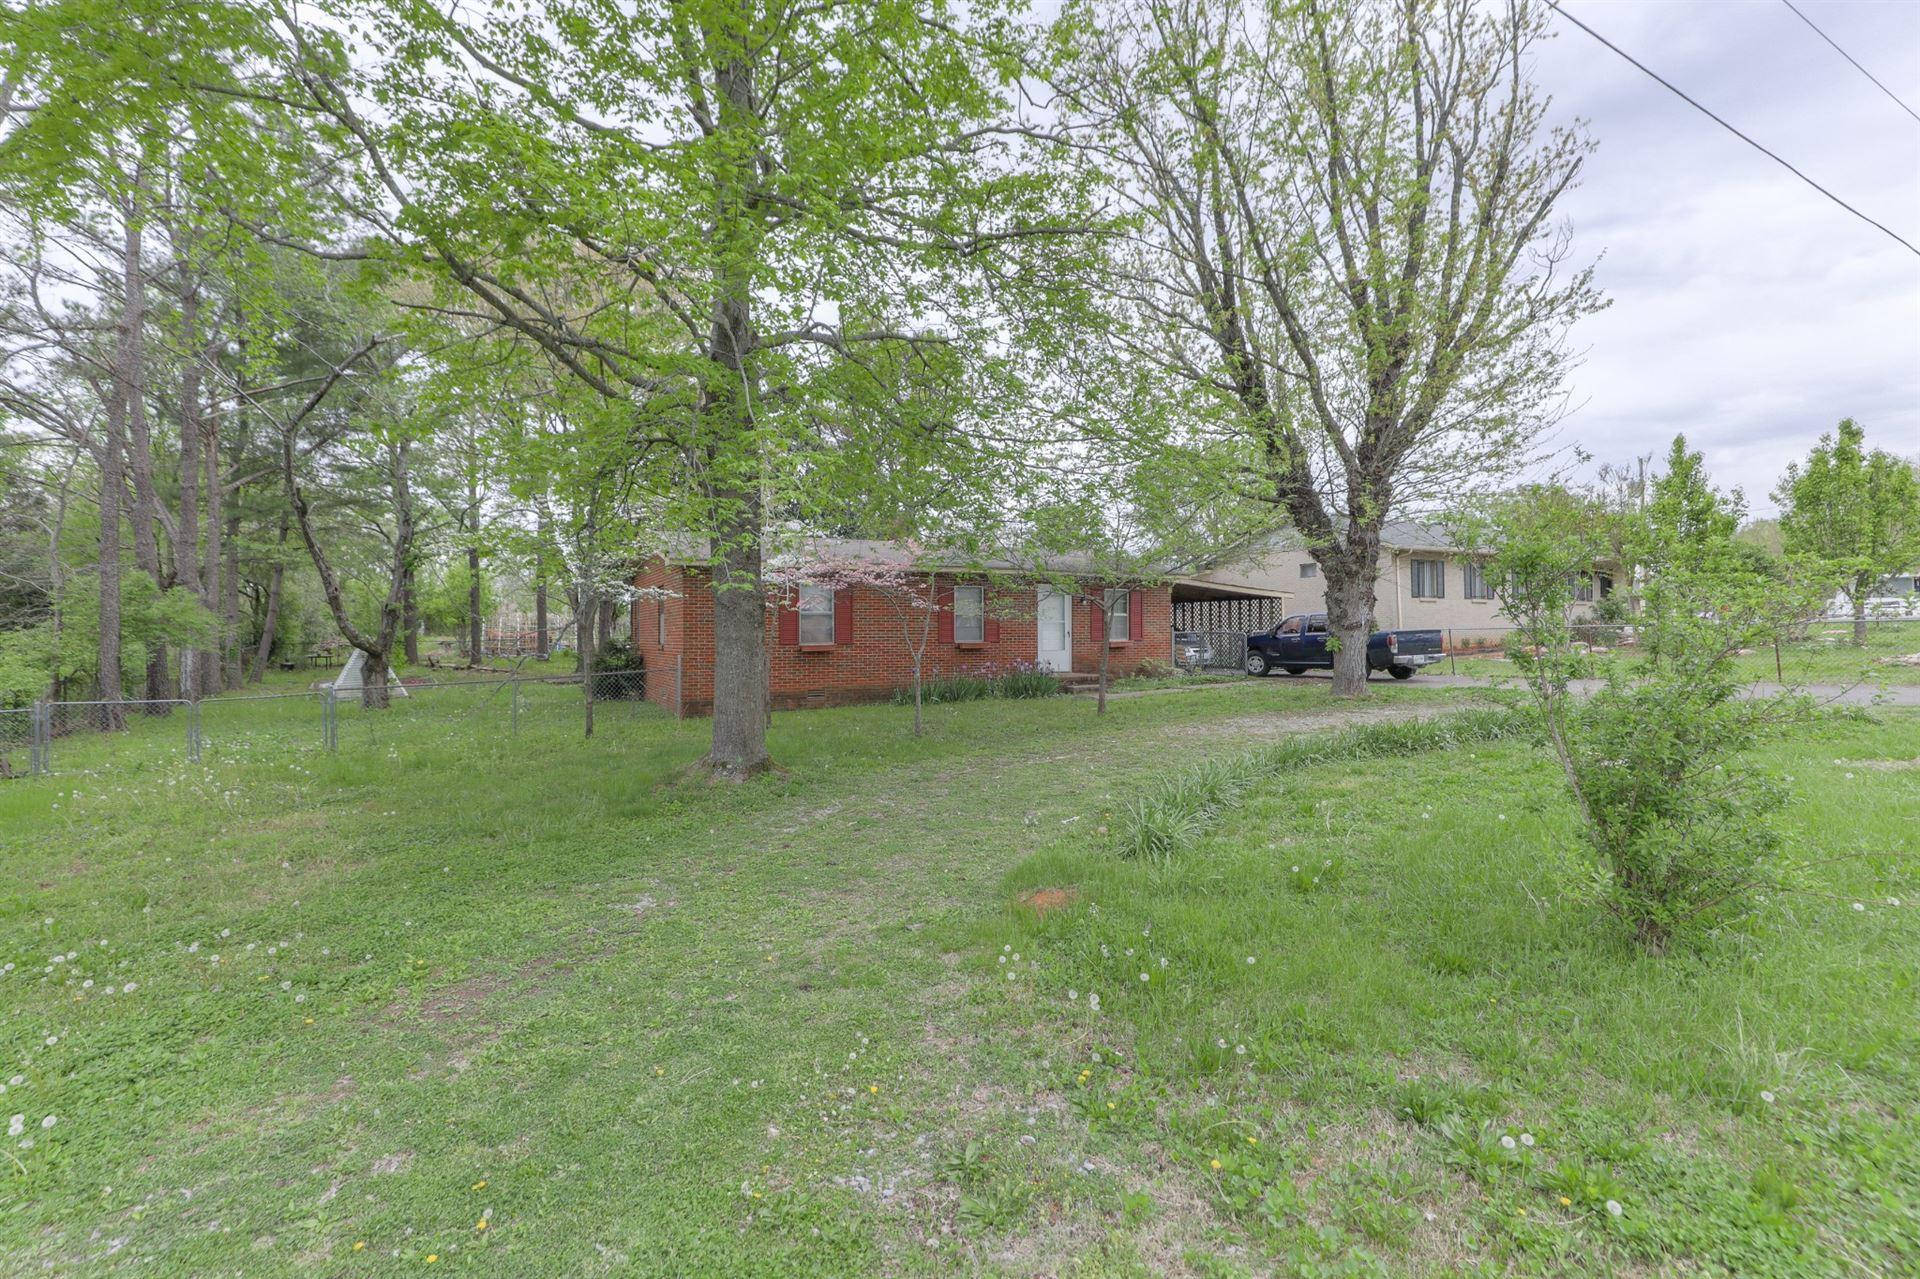 Photo of 1211 Warren St, Murfreesboro, TN 37129 (MLS # 2246811)